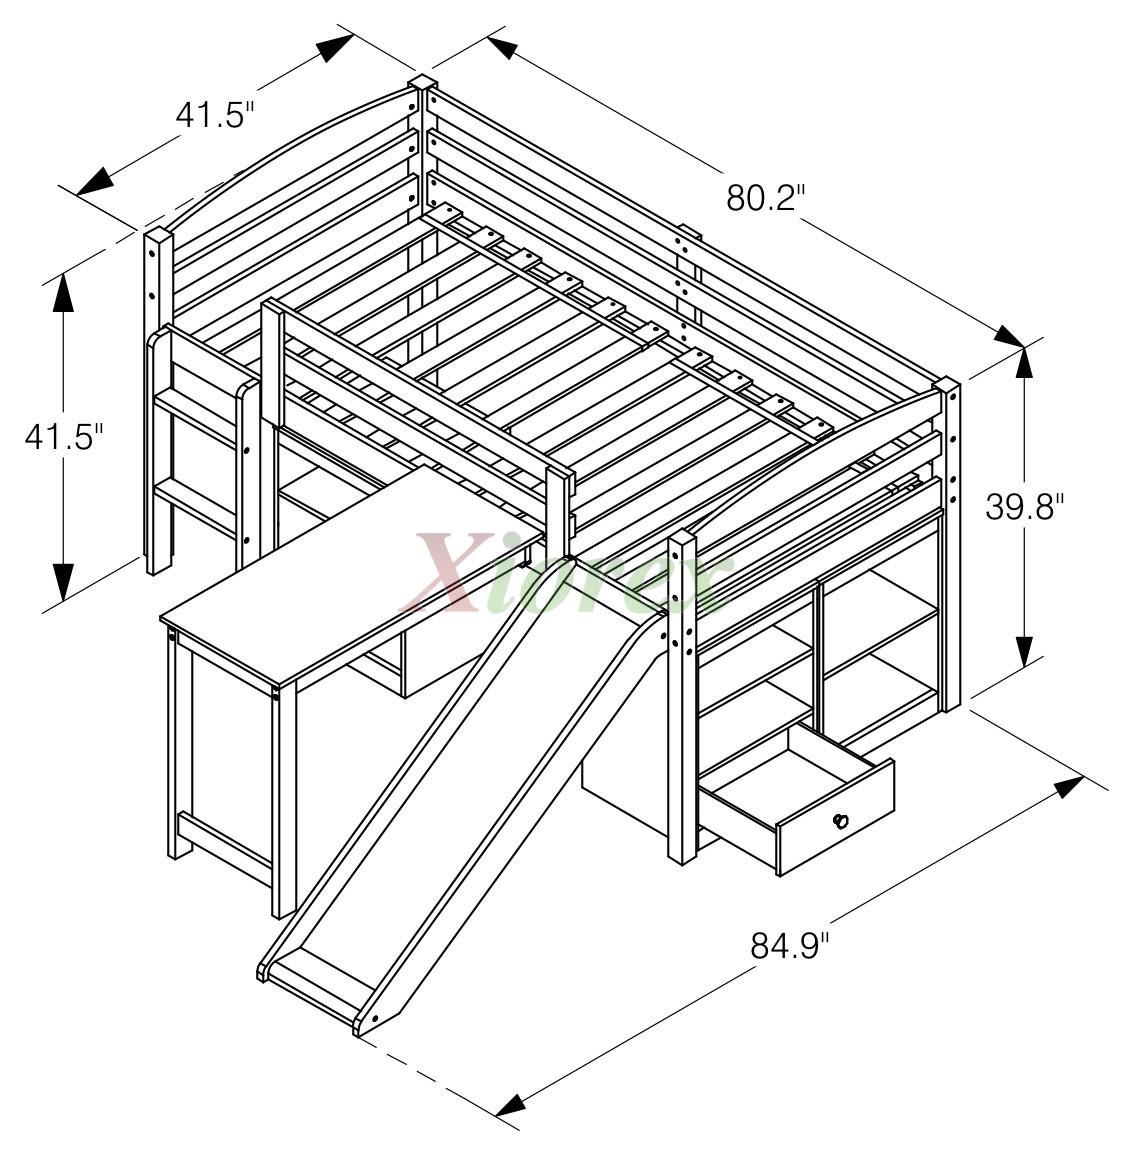 Mulberry Boys Amp Girls Cabin Loft Beds With Slide Desk